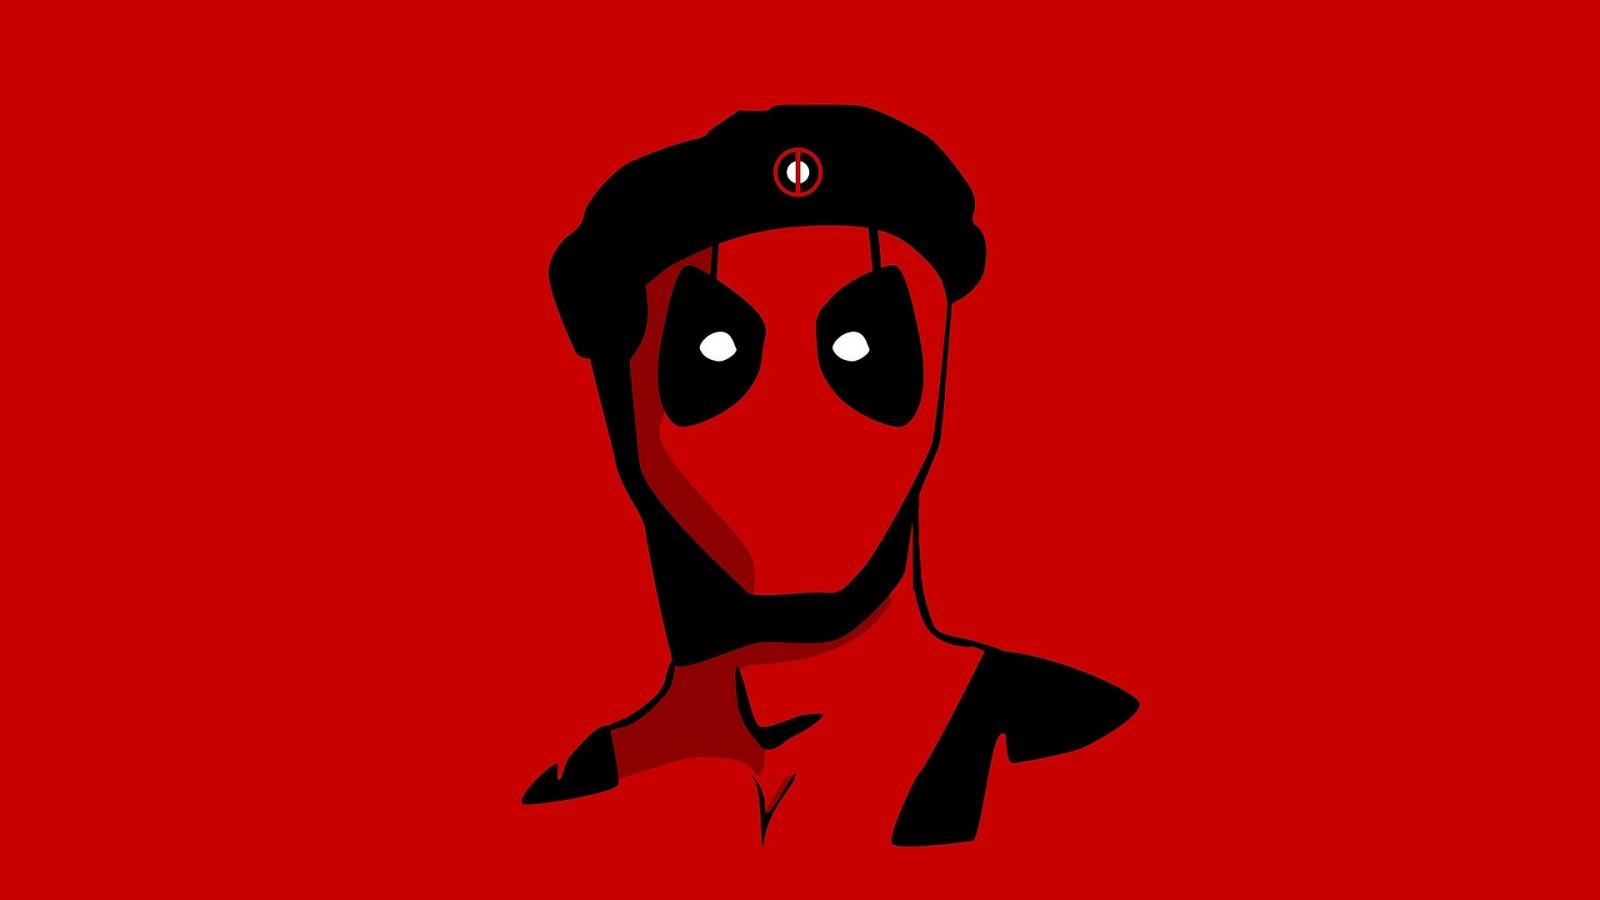 Sfondi nero illustrazione rosso silhouette cartone